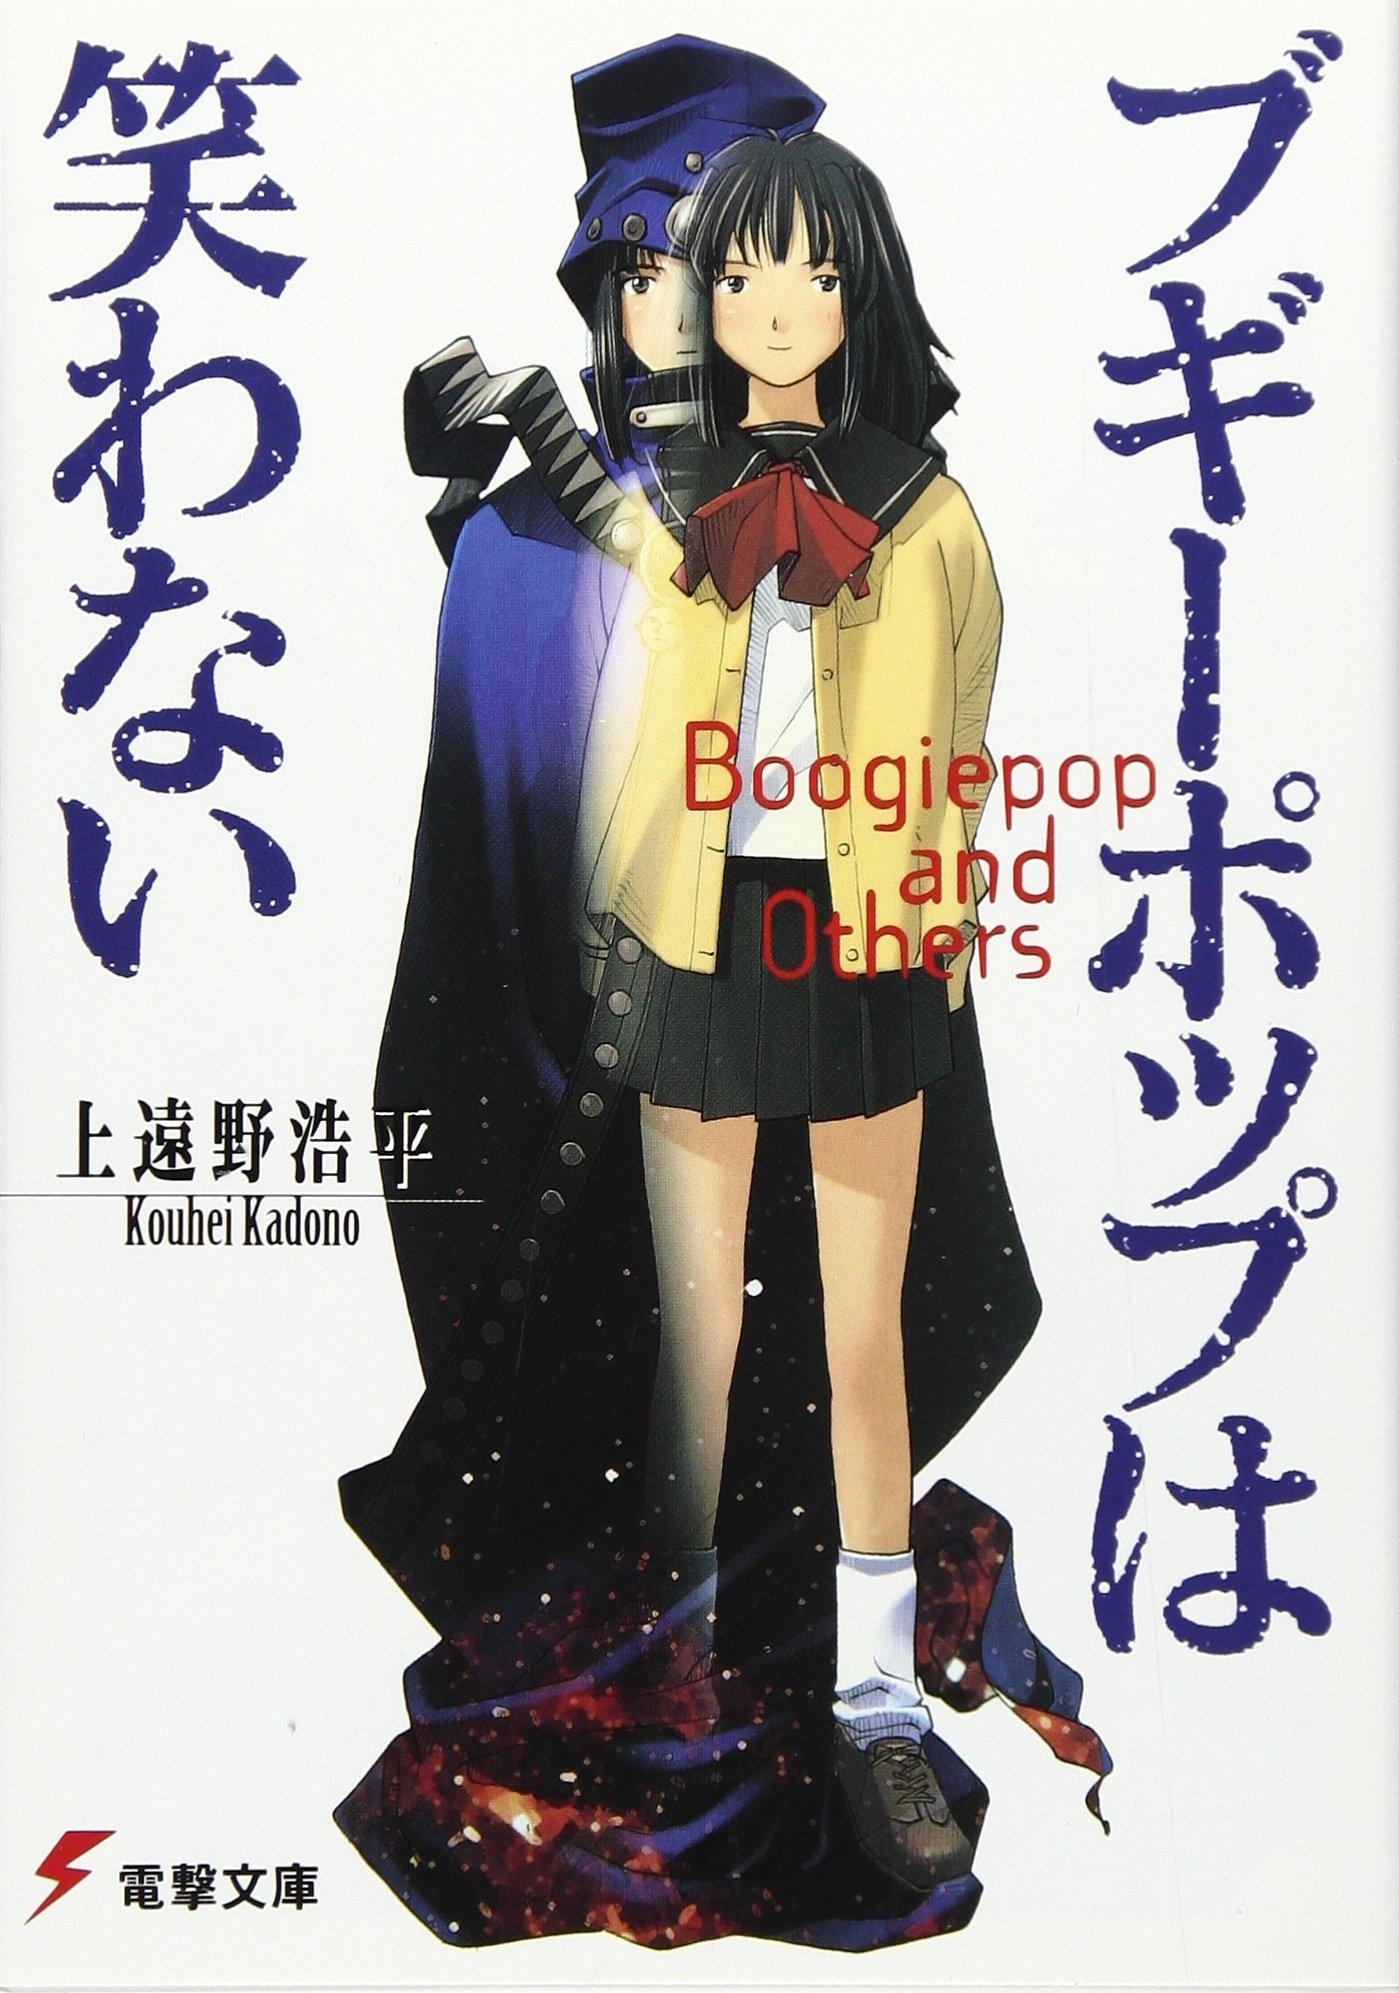 上遠野浩平のおすすめ小説ランキングベスト5!ライトノベルの先駆者!